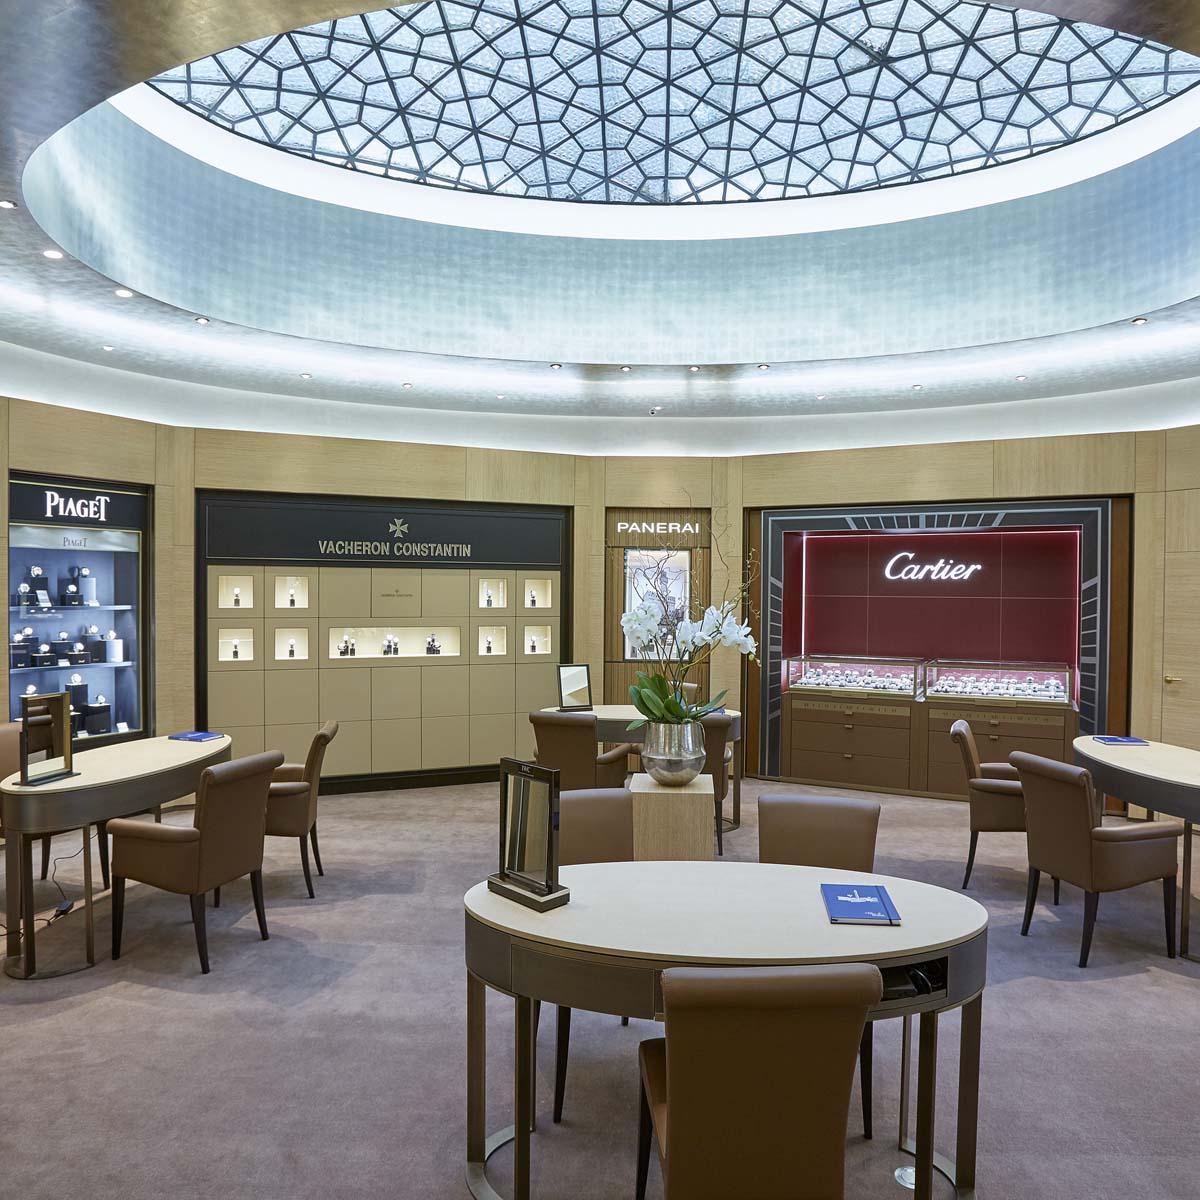 La Cote des Montres : Photo - Dubail s'empare des Champs-Elysées